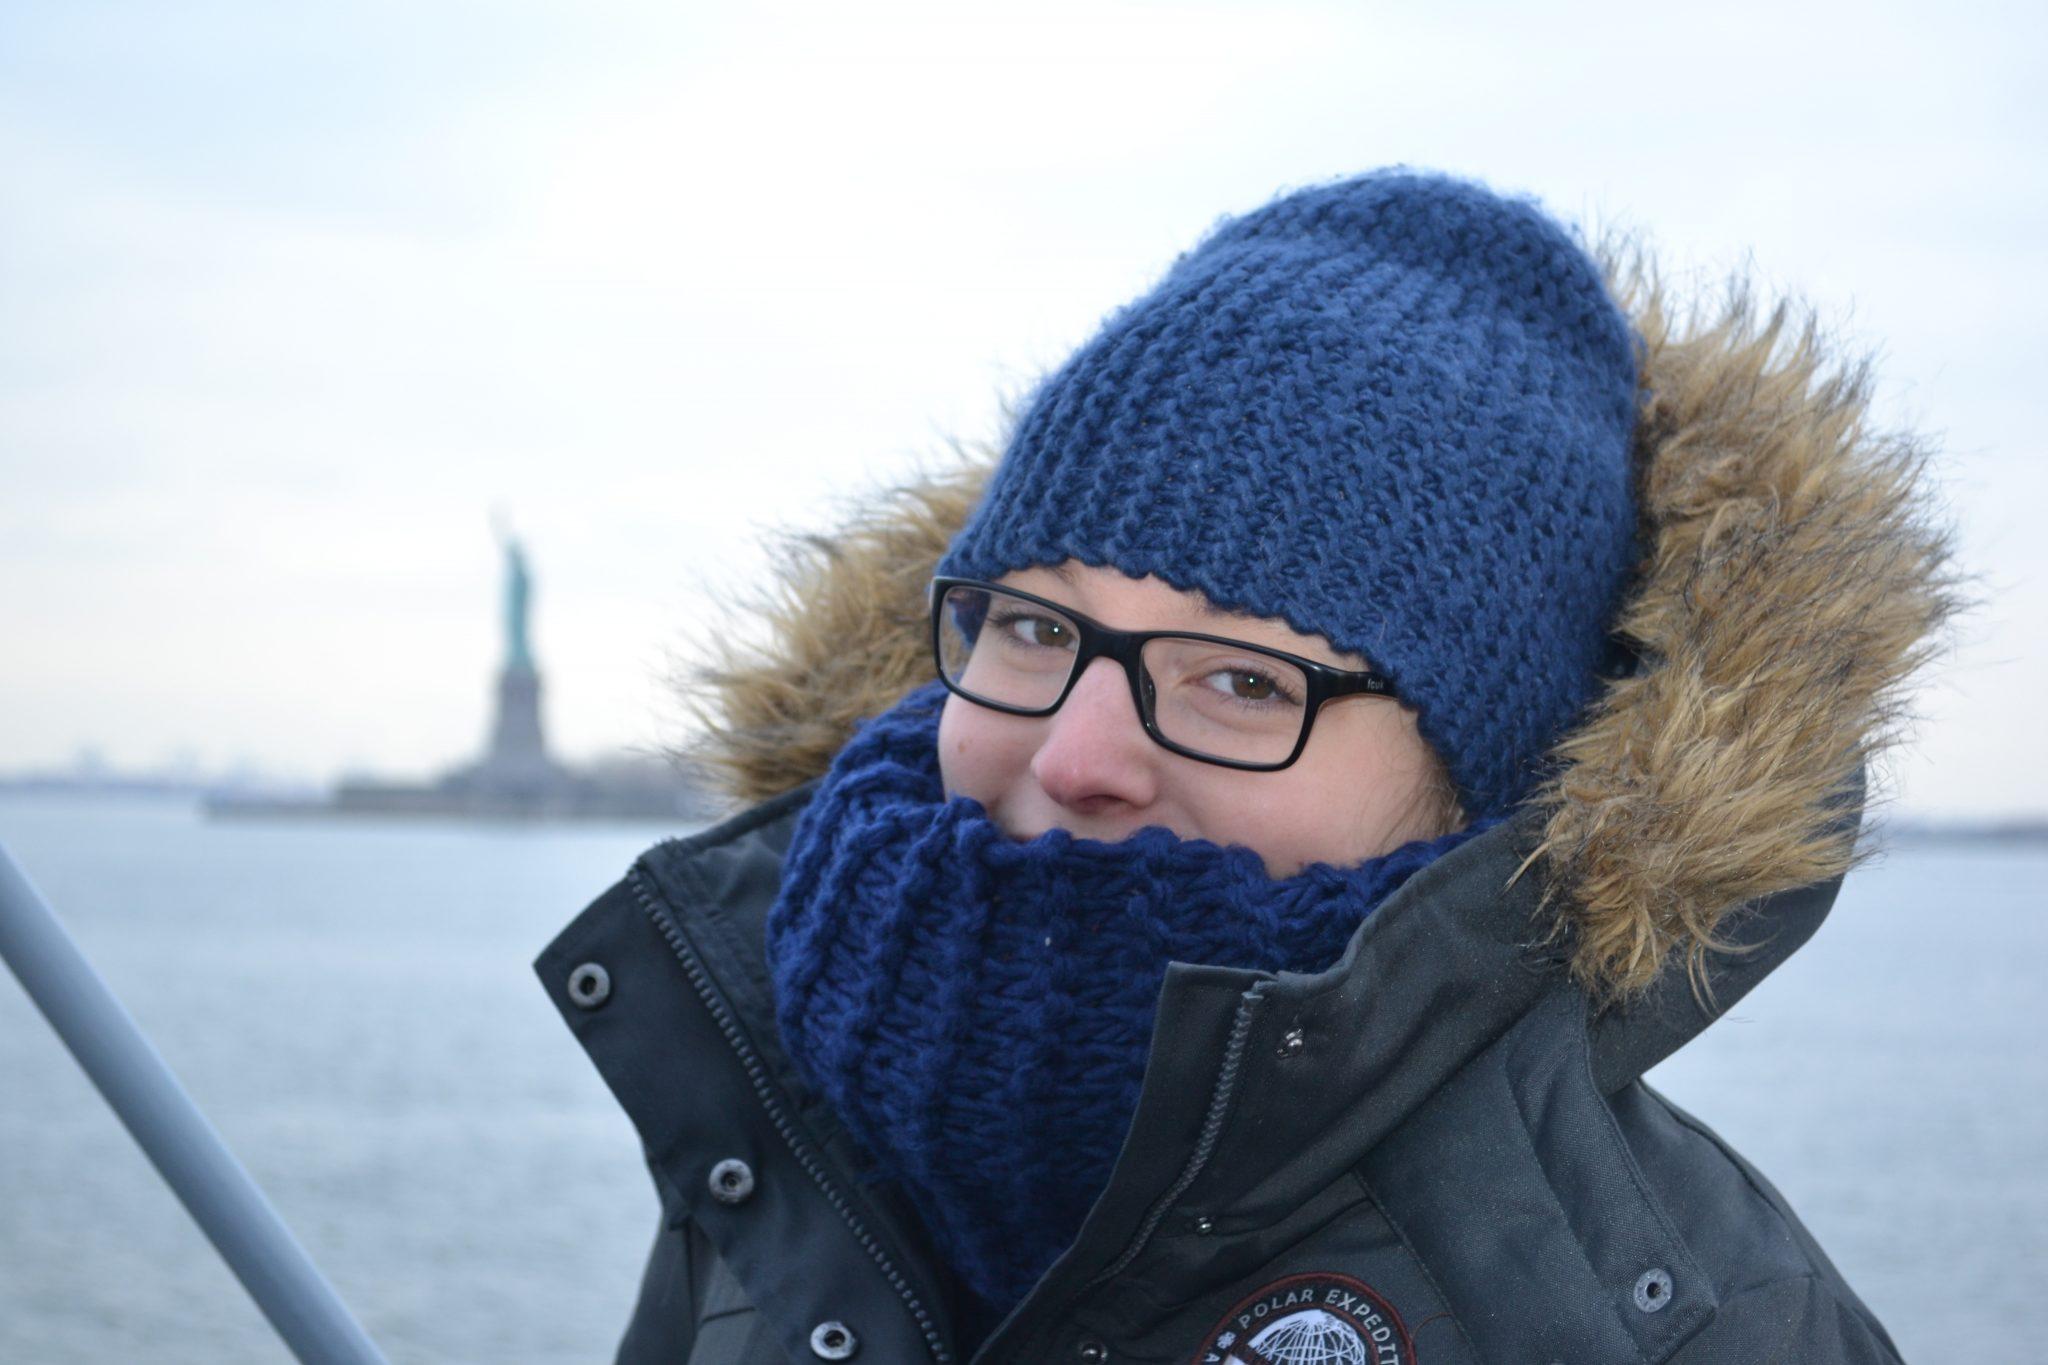 Eine Woche in New York: Ellis Island & Freiheitsstatue - dsc 0412